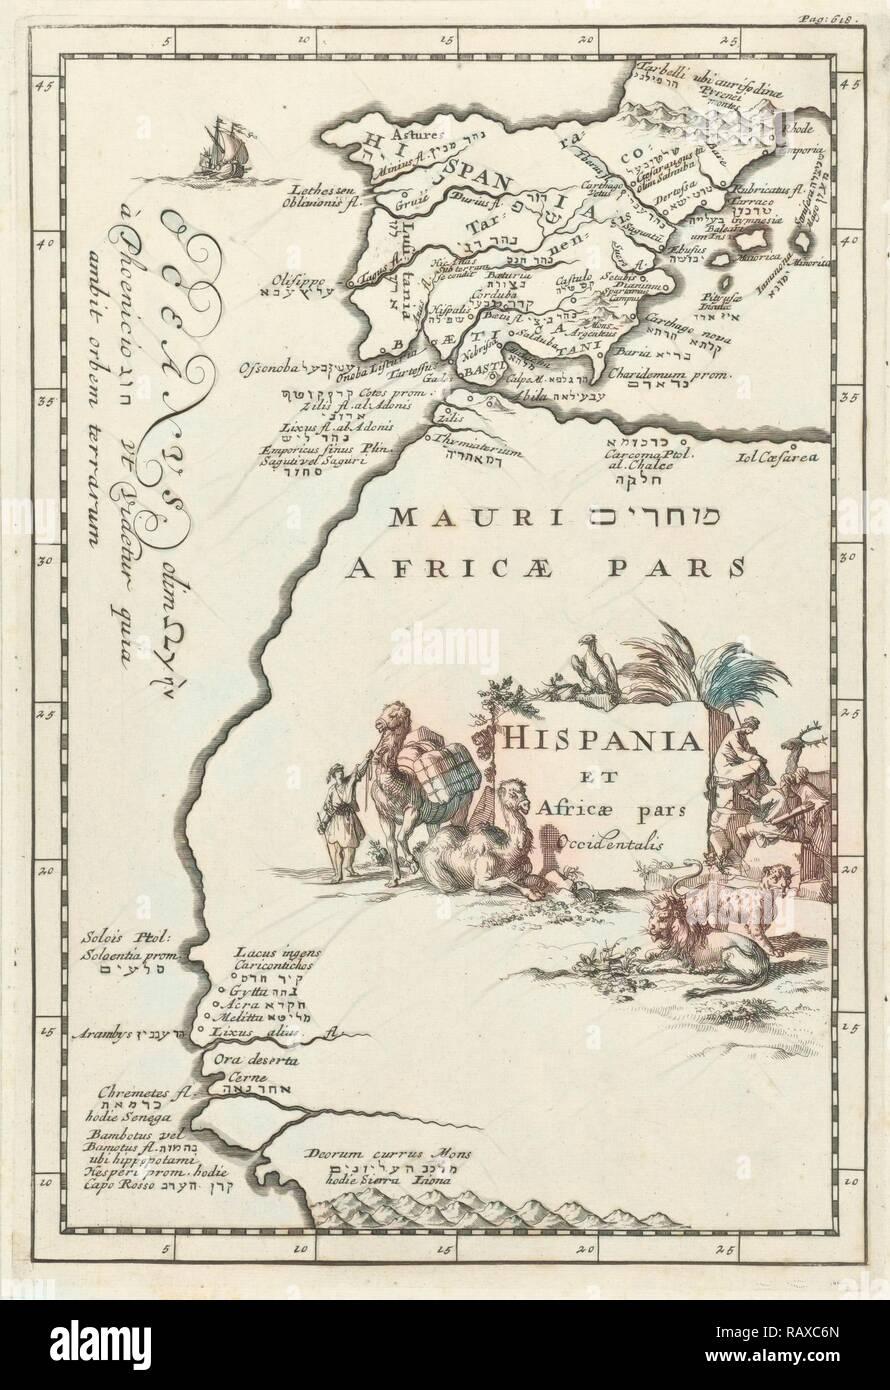 Carte Espagne Afrique Du Nord.Carte De L Espagne Et Une Partie De L Afrique Du Nord Jan